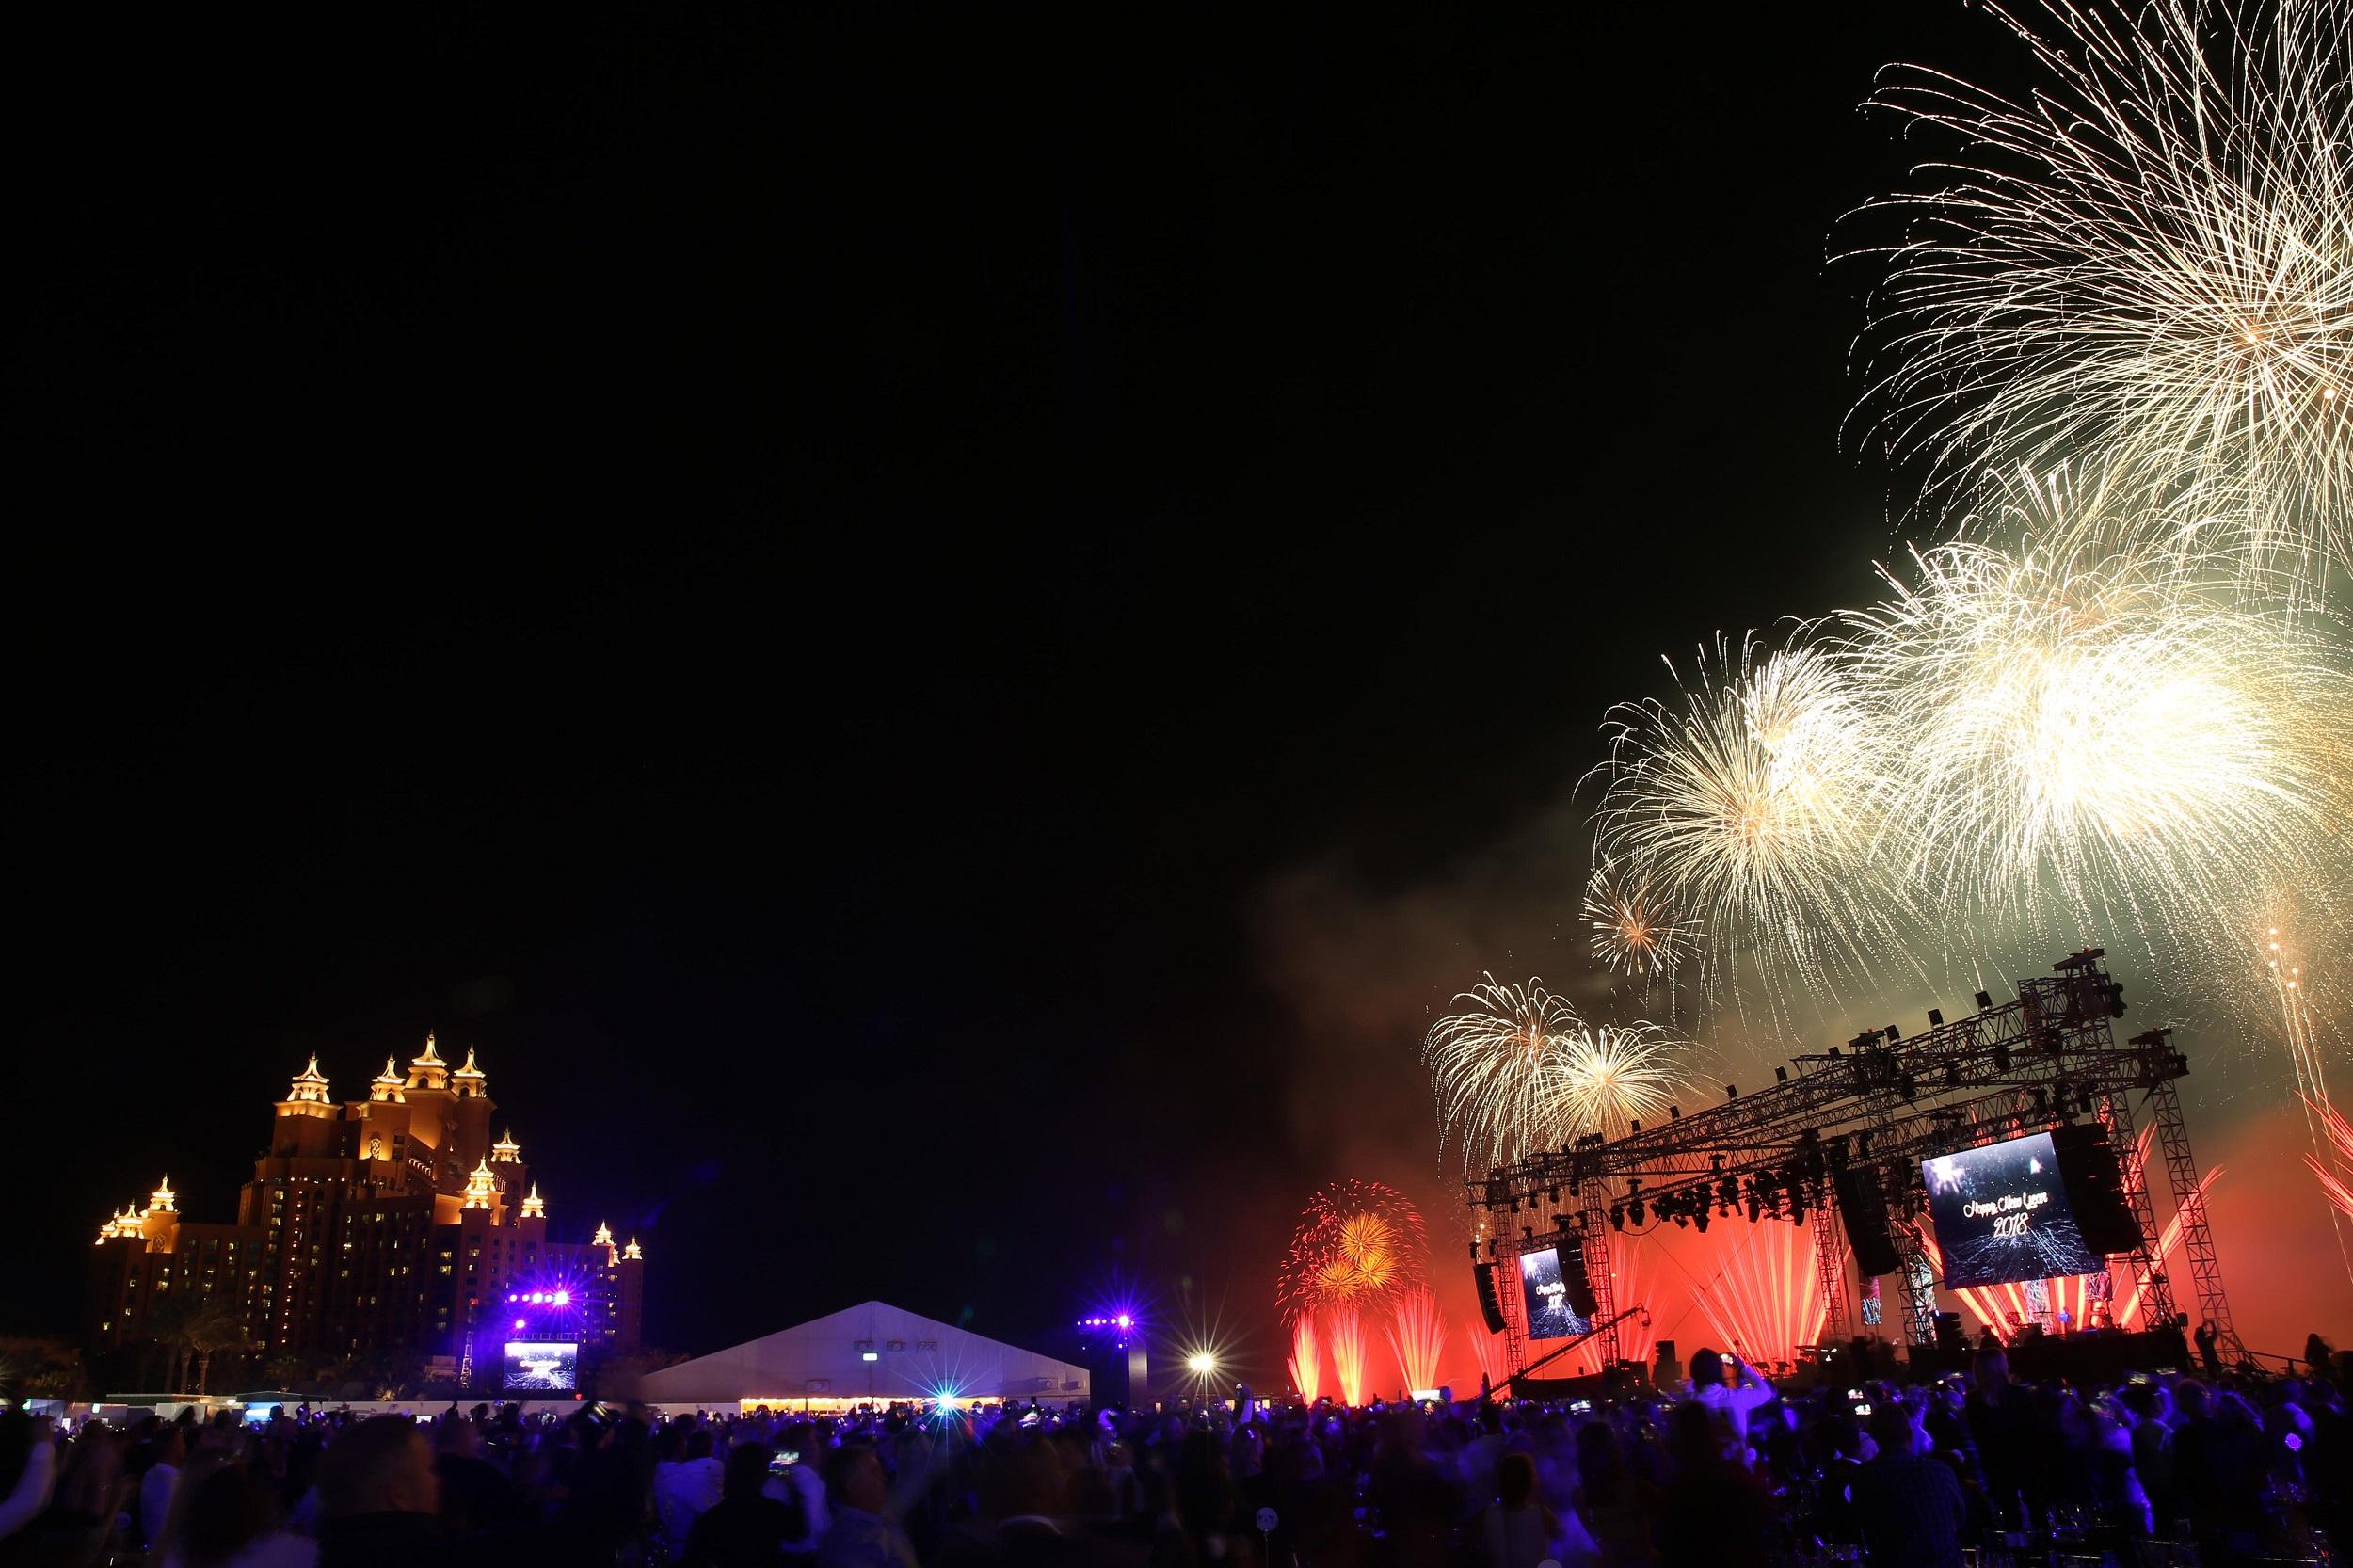 الإحتفالات في منتجع أتلانتس النخلة